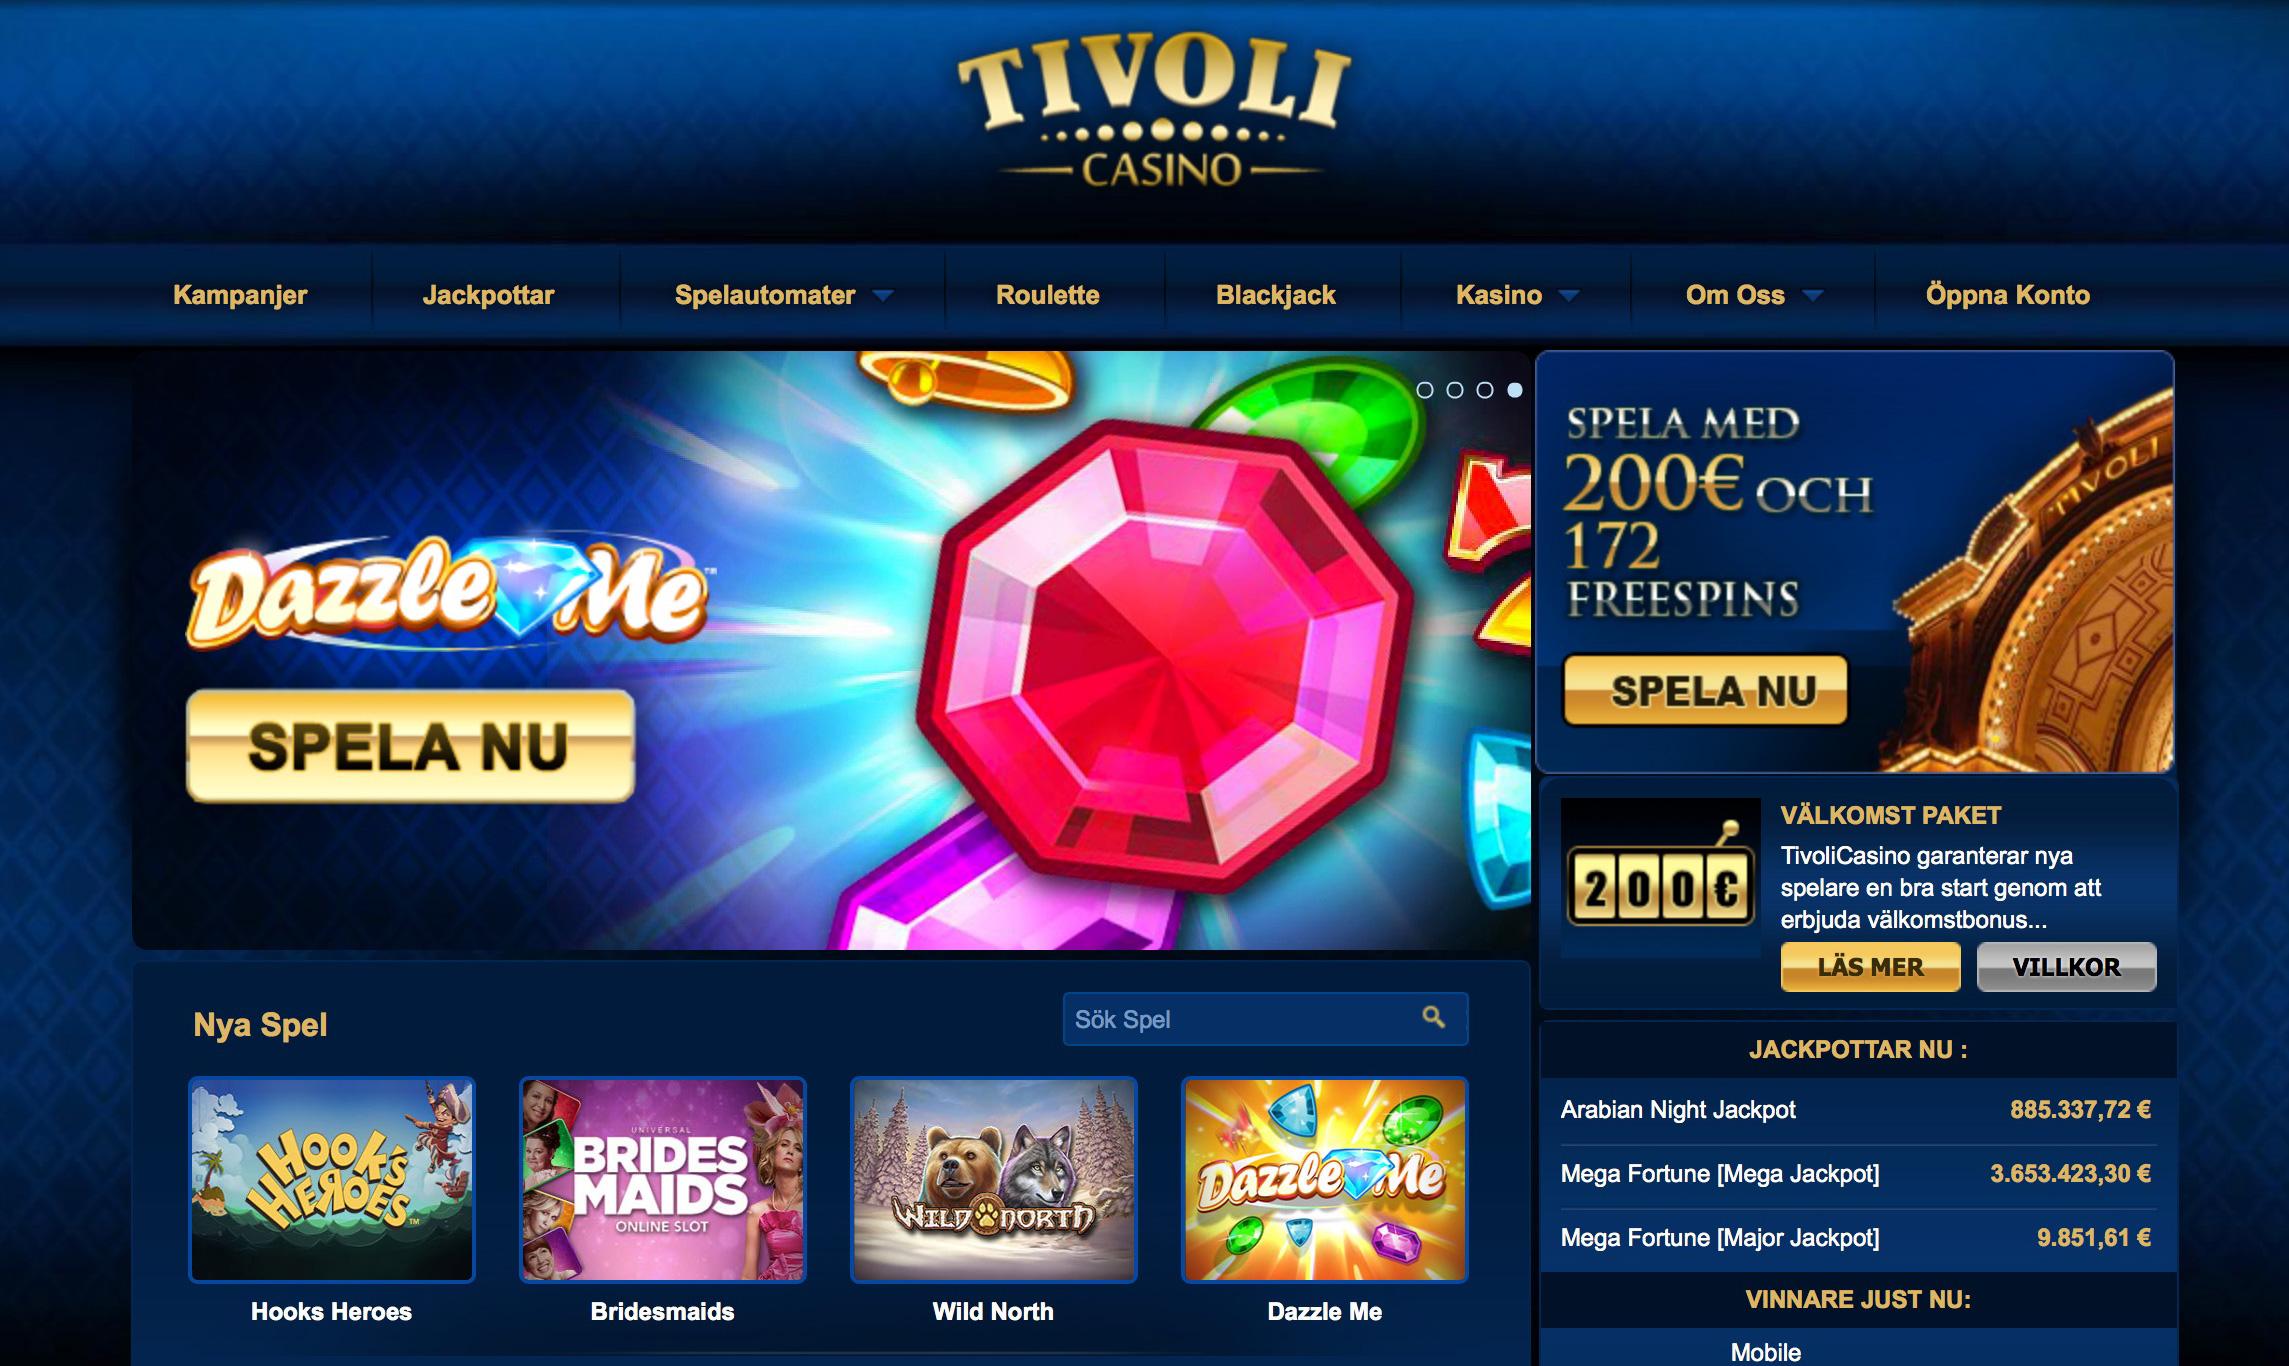 Tivoli casino free spins kode